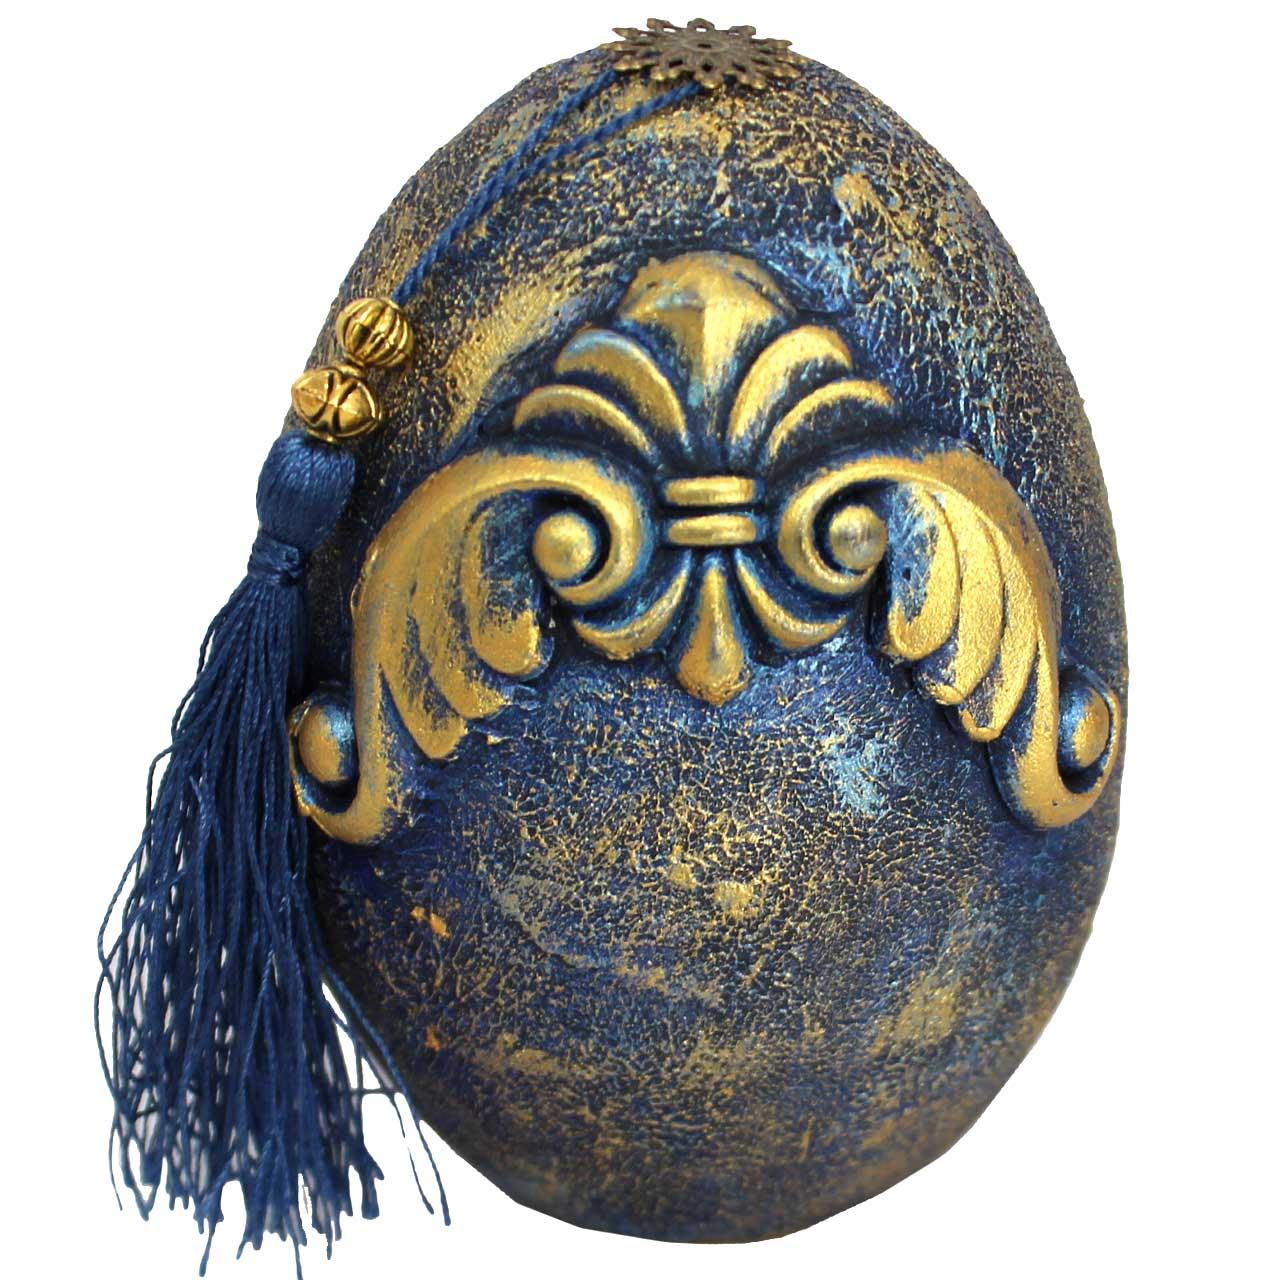 تخم مرغ تزیینی دست نگار کد 08-20